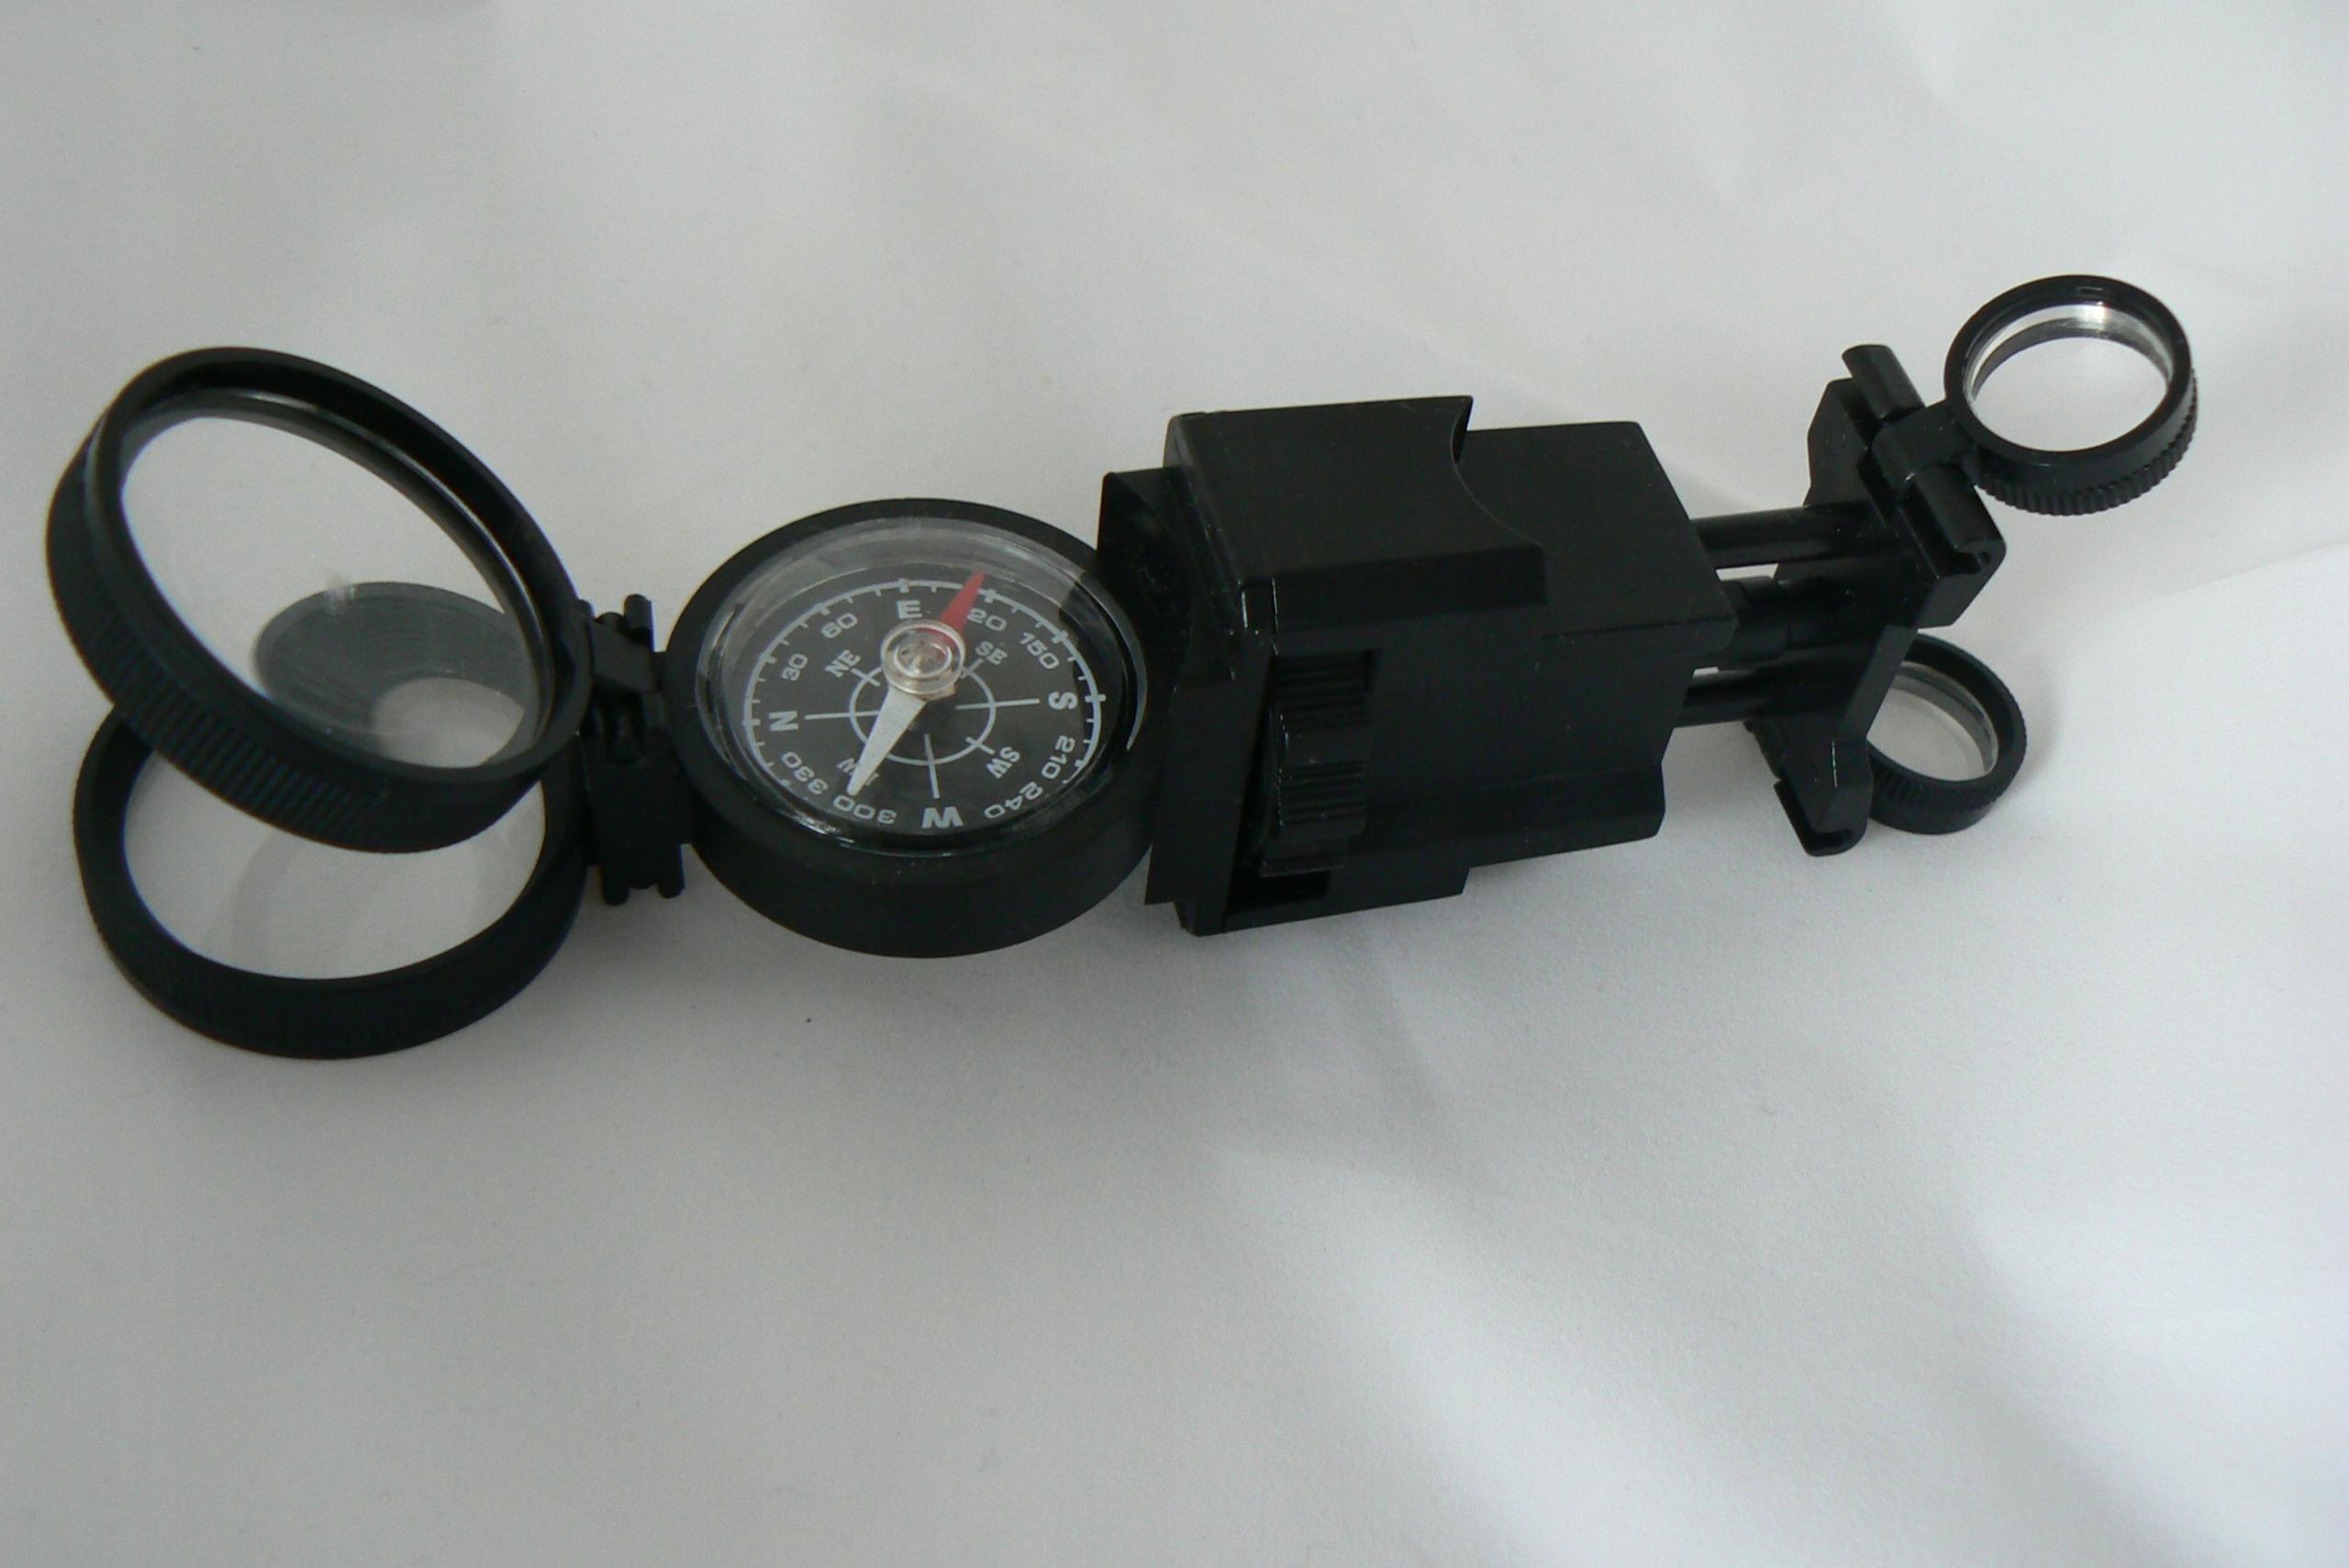 Przybornik surwiwalowca kompas,lupy,soczewki